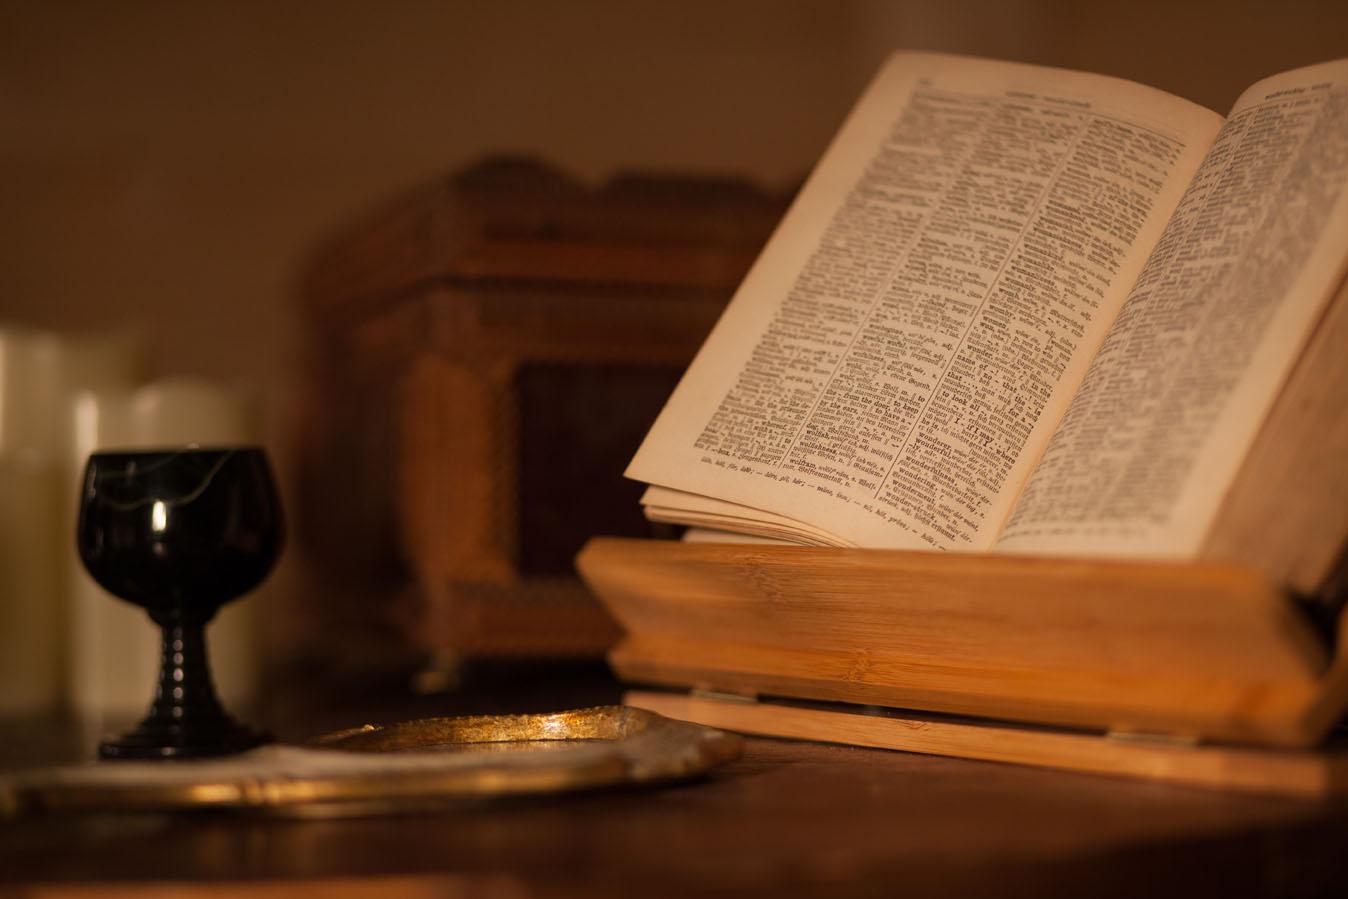 Stilleben Becher Buch und Spiegel